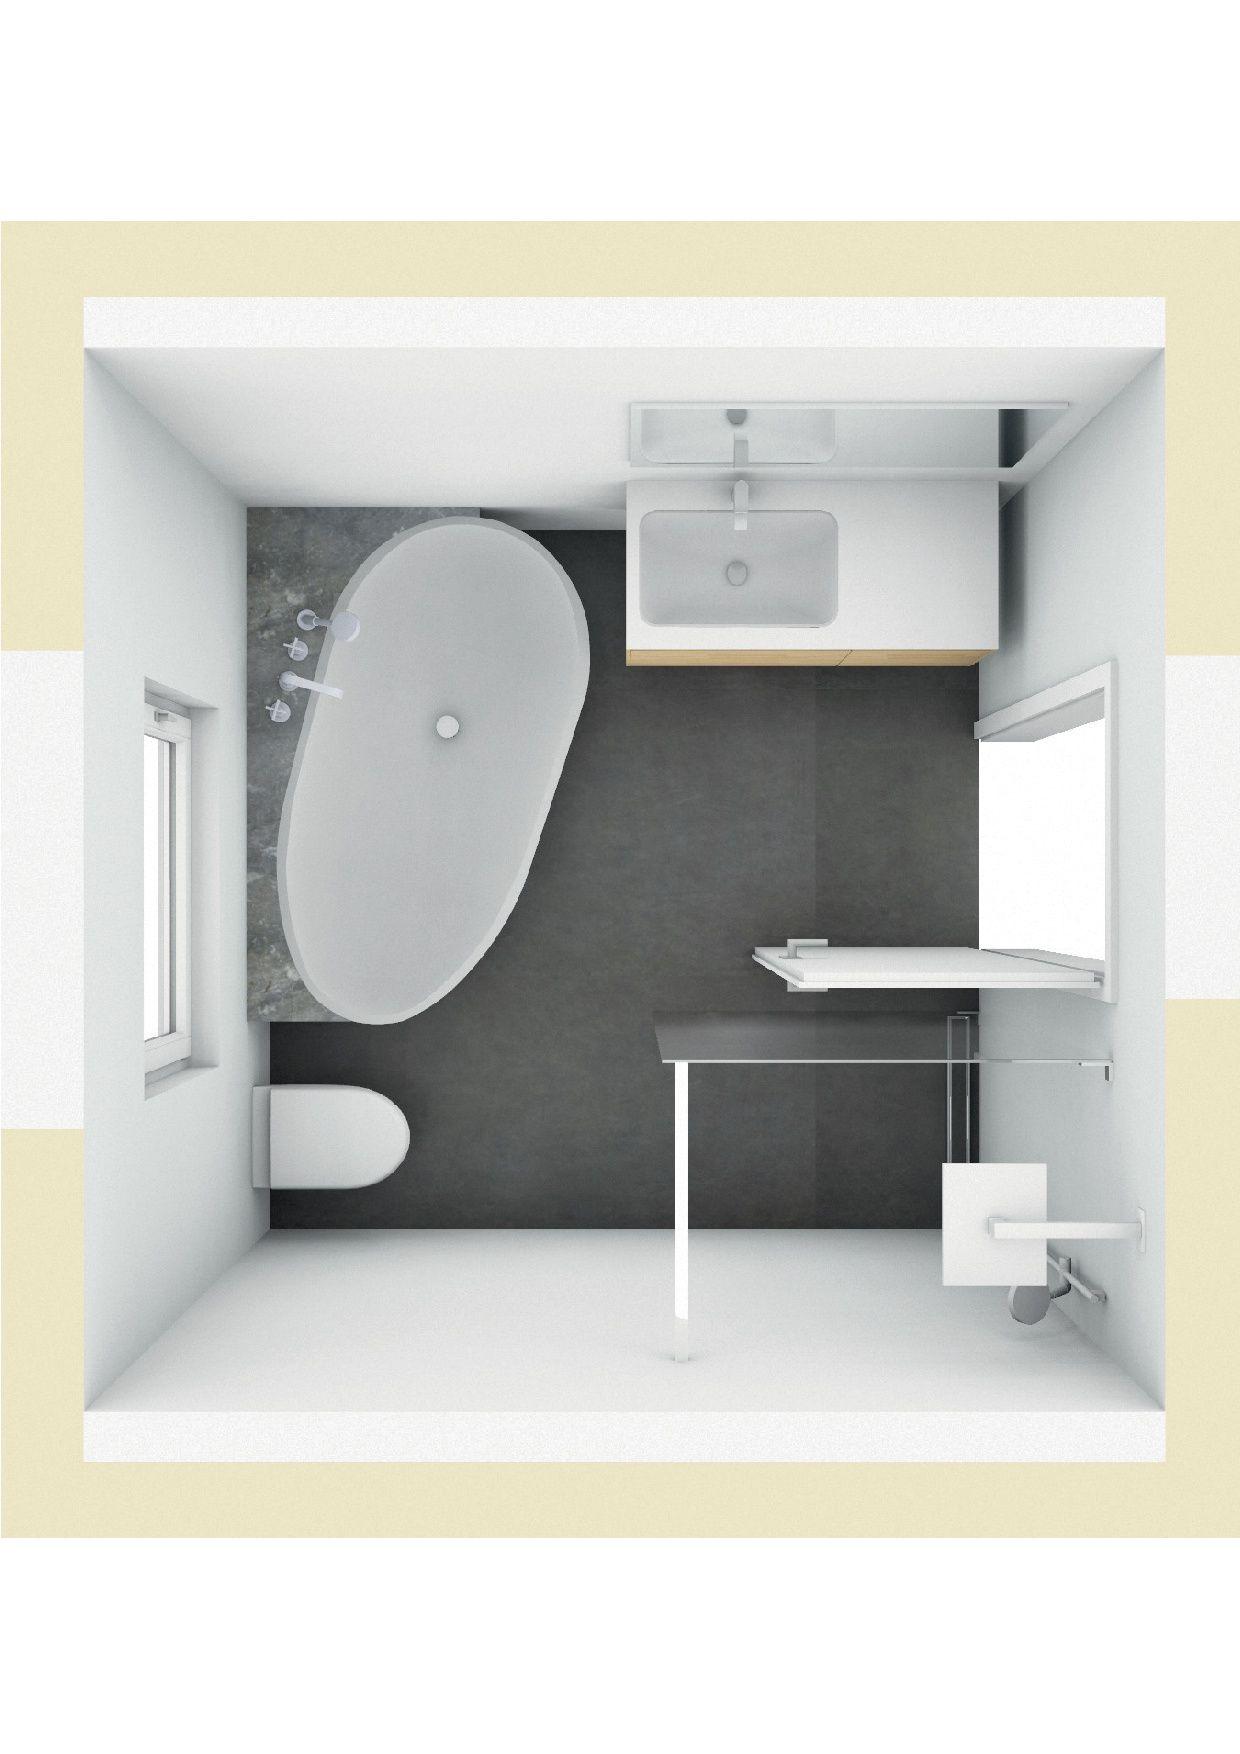 badplanung mit freisthender badewanne mit ablage | badezimmer